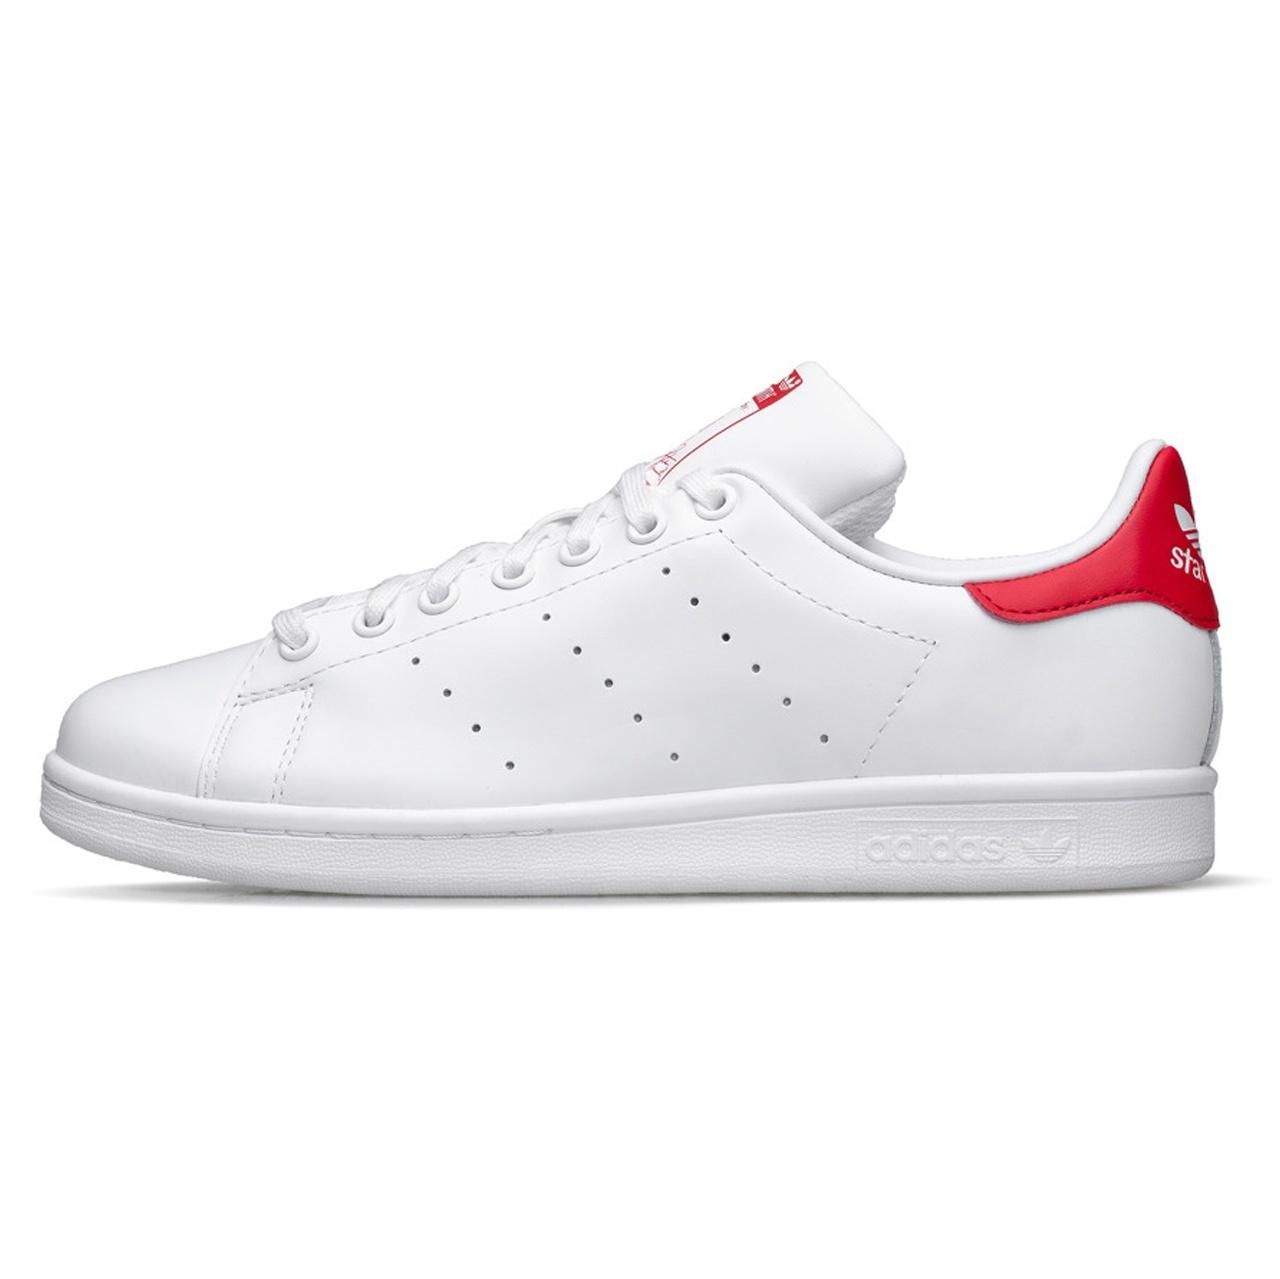 کفش مخصوص دویدن زنانه آدیداس مدل Stan Smith کد 987-9876